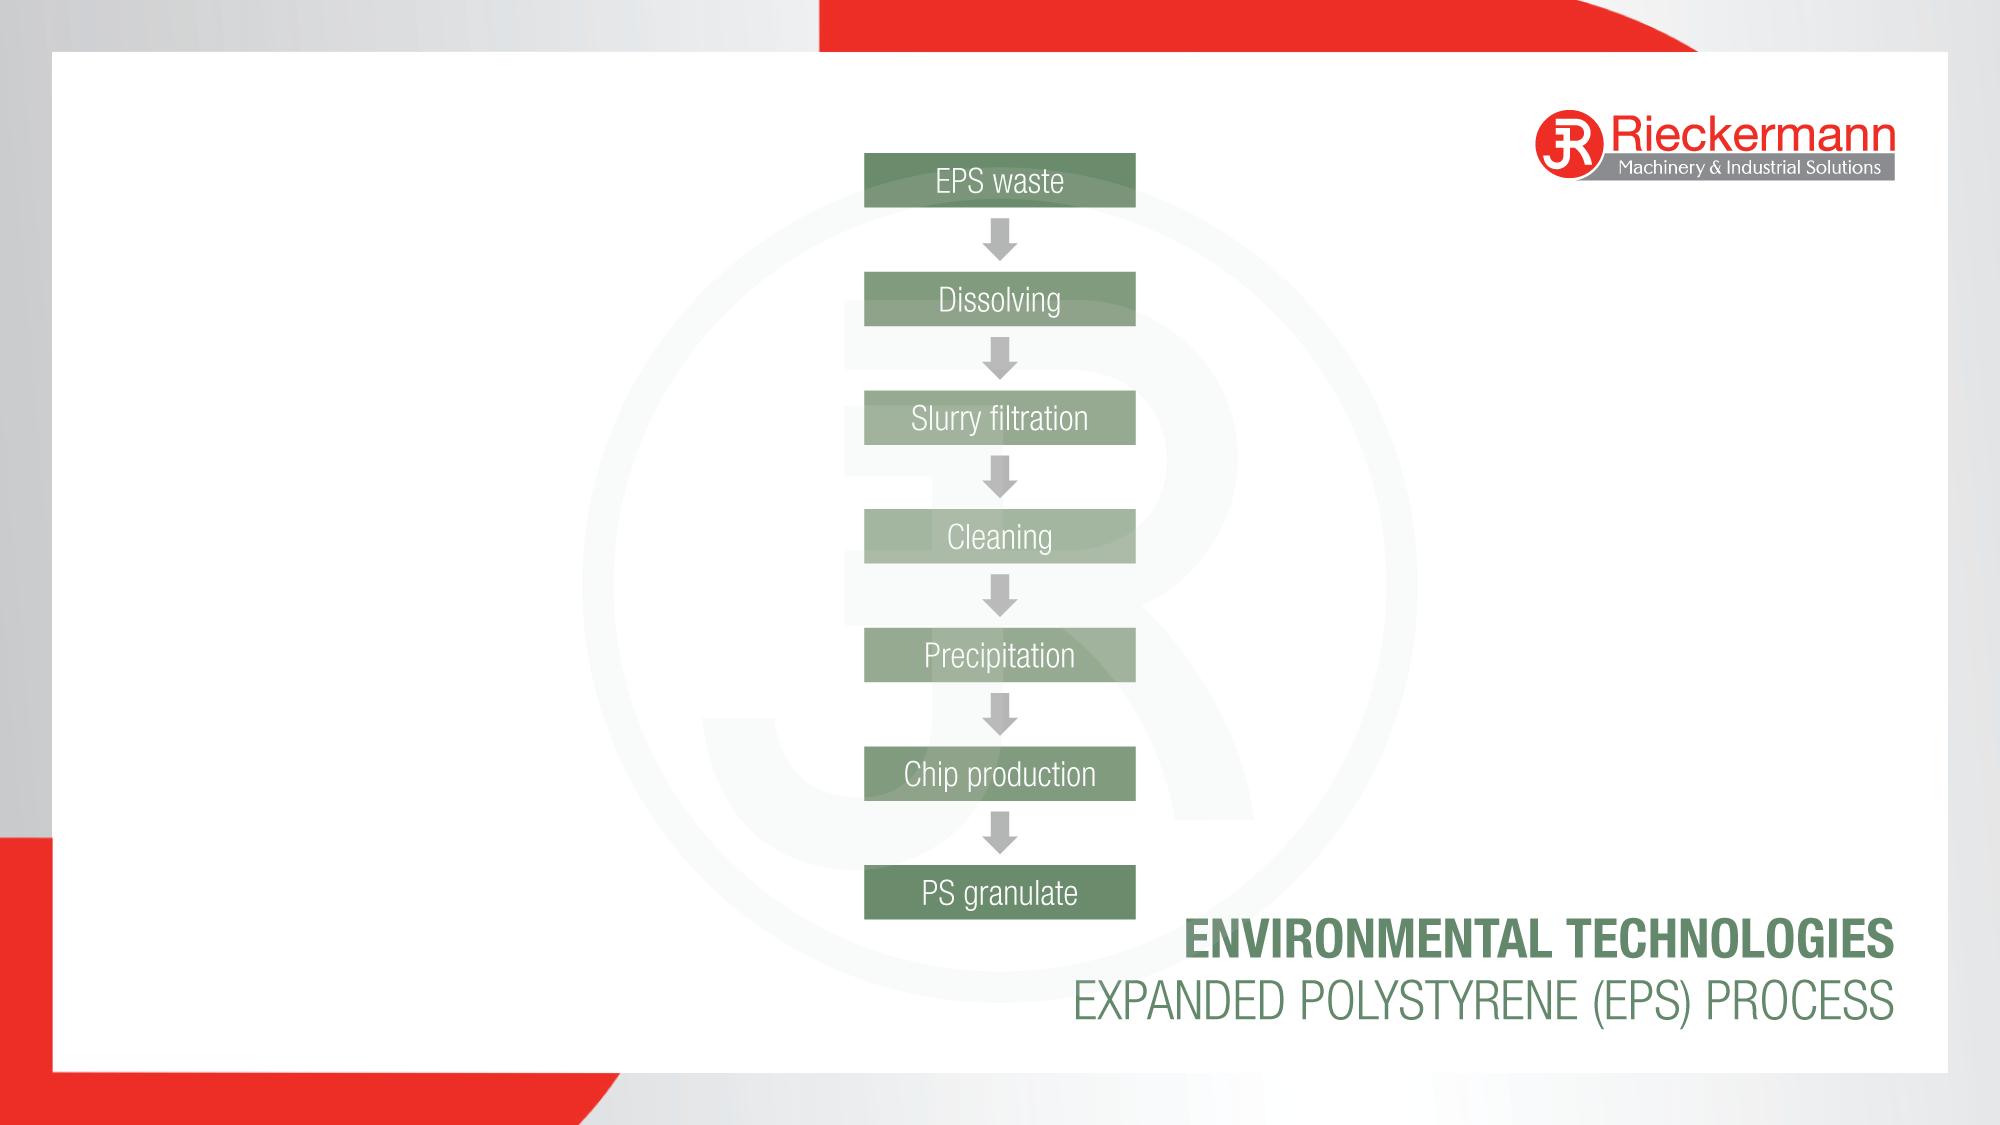 Expanded Polystyrene (EPS) Process Scheme